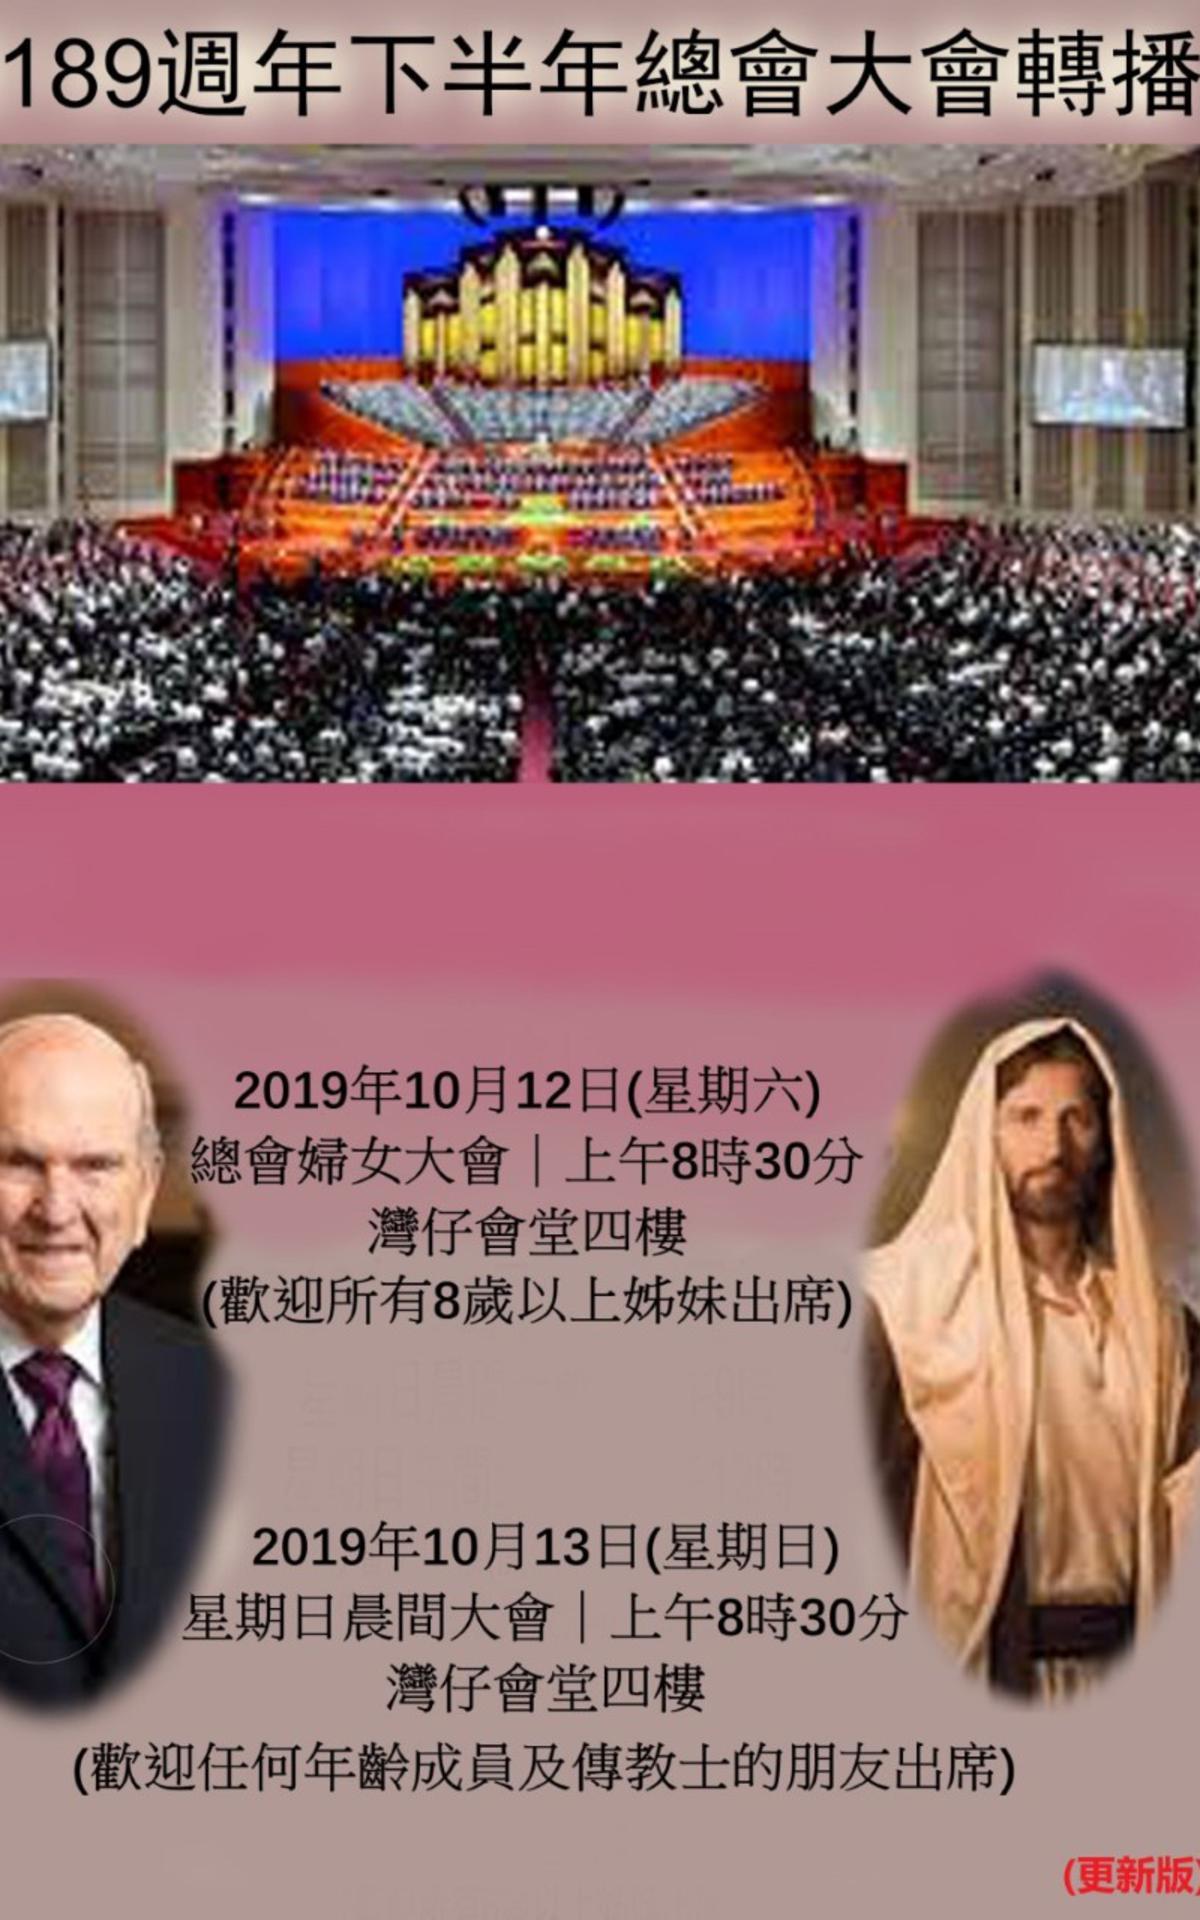 中國香港港島支聯會--第189周年下半年總會大會轉播